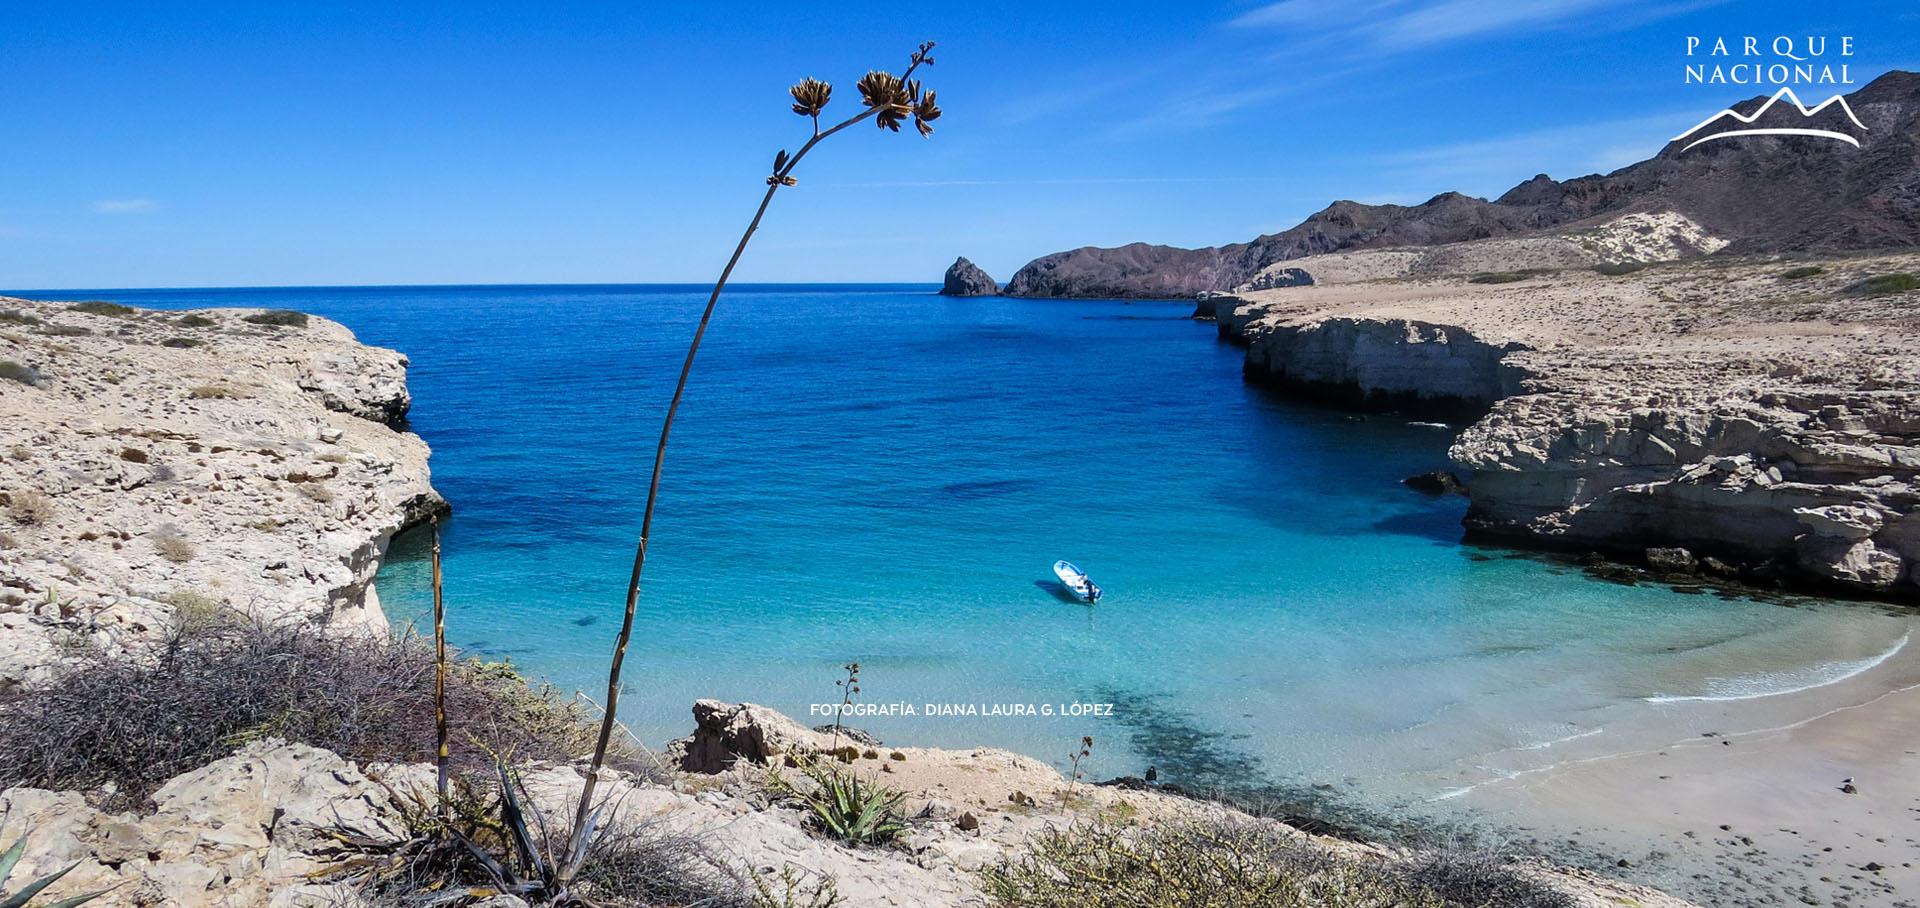 Parque Nacional Bahía de Loreto - Candidato a la Lista Verde